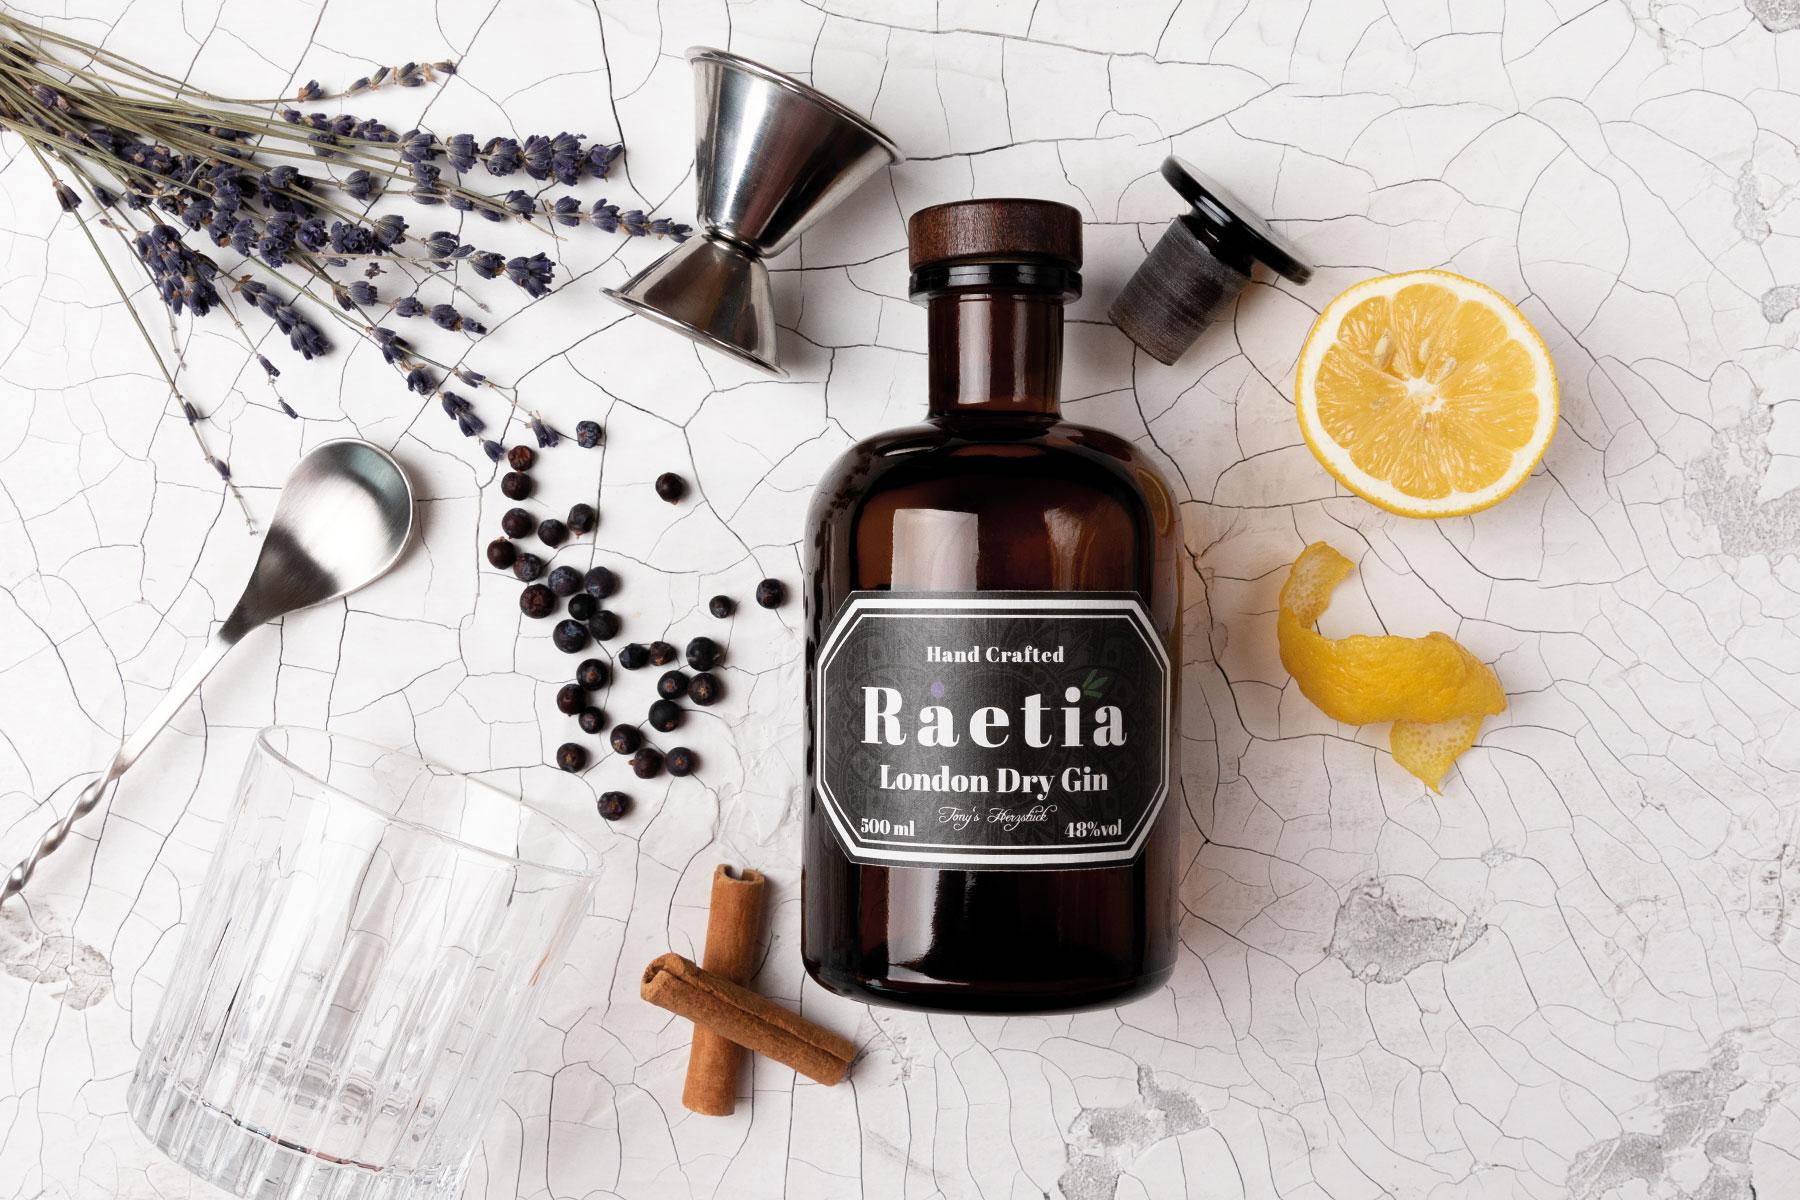 Finegeist-Produktfotografie-Gin-Flasche-Botanicals